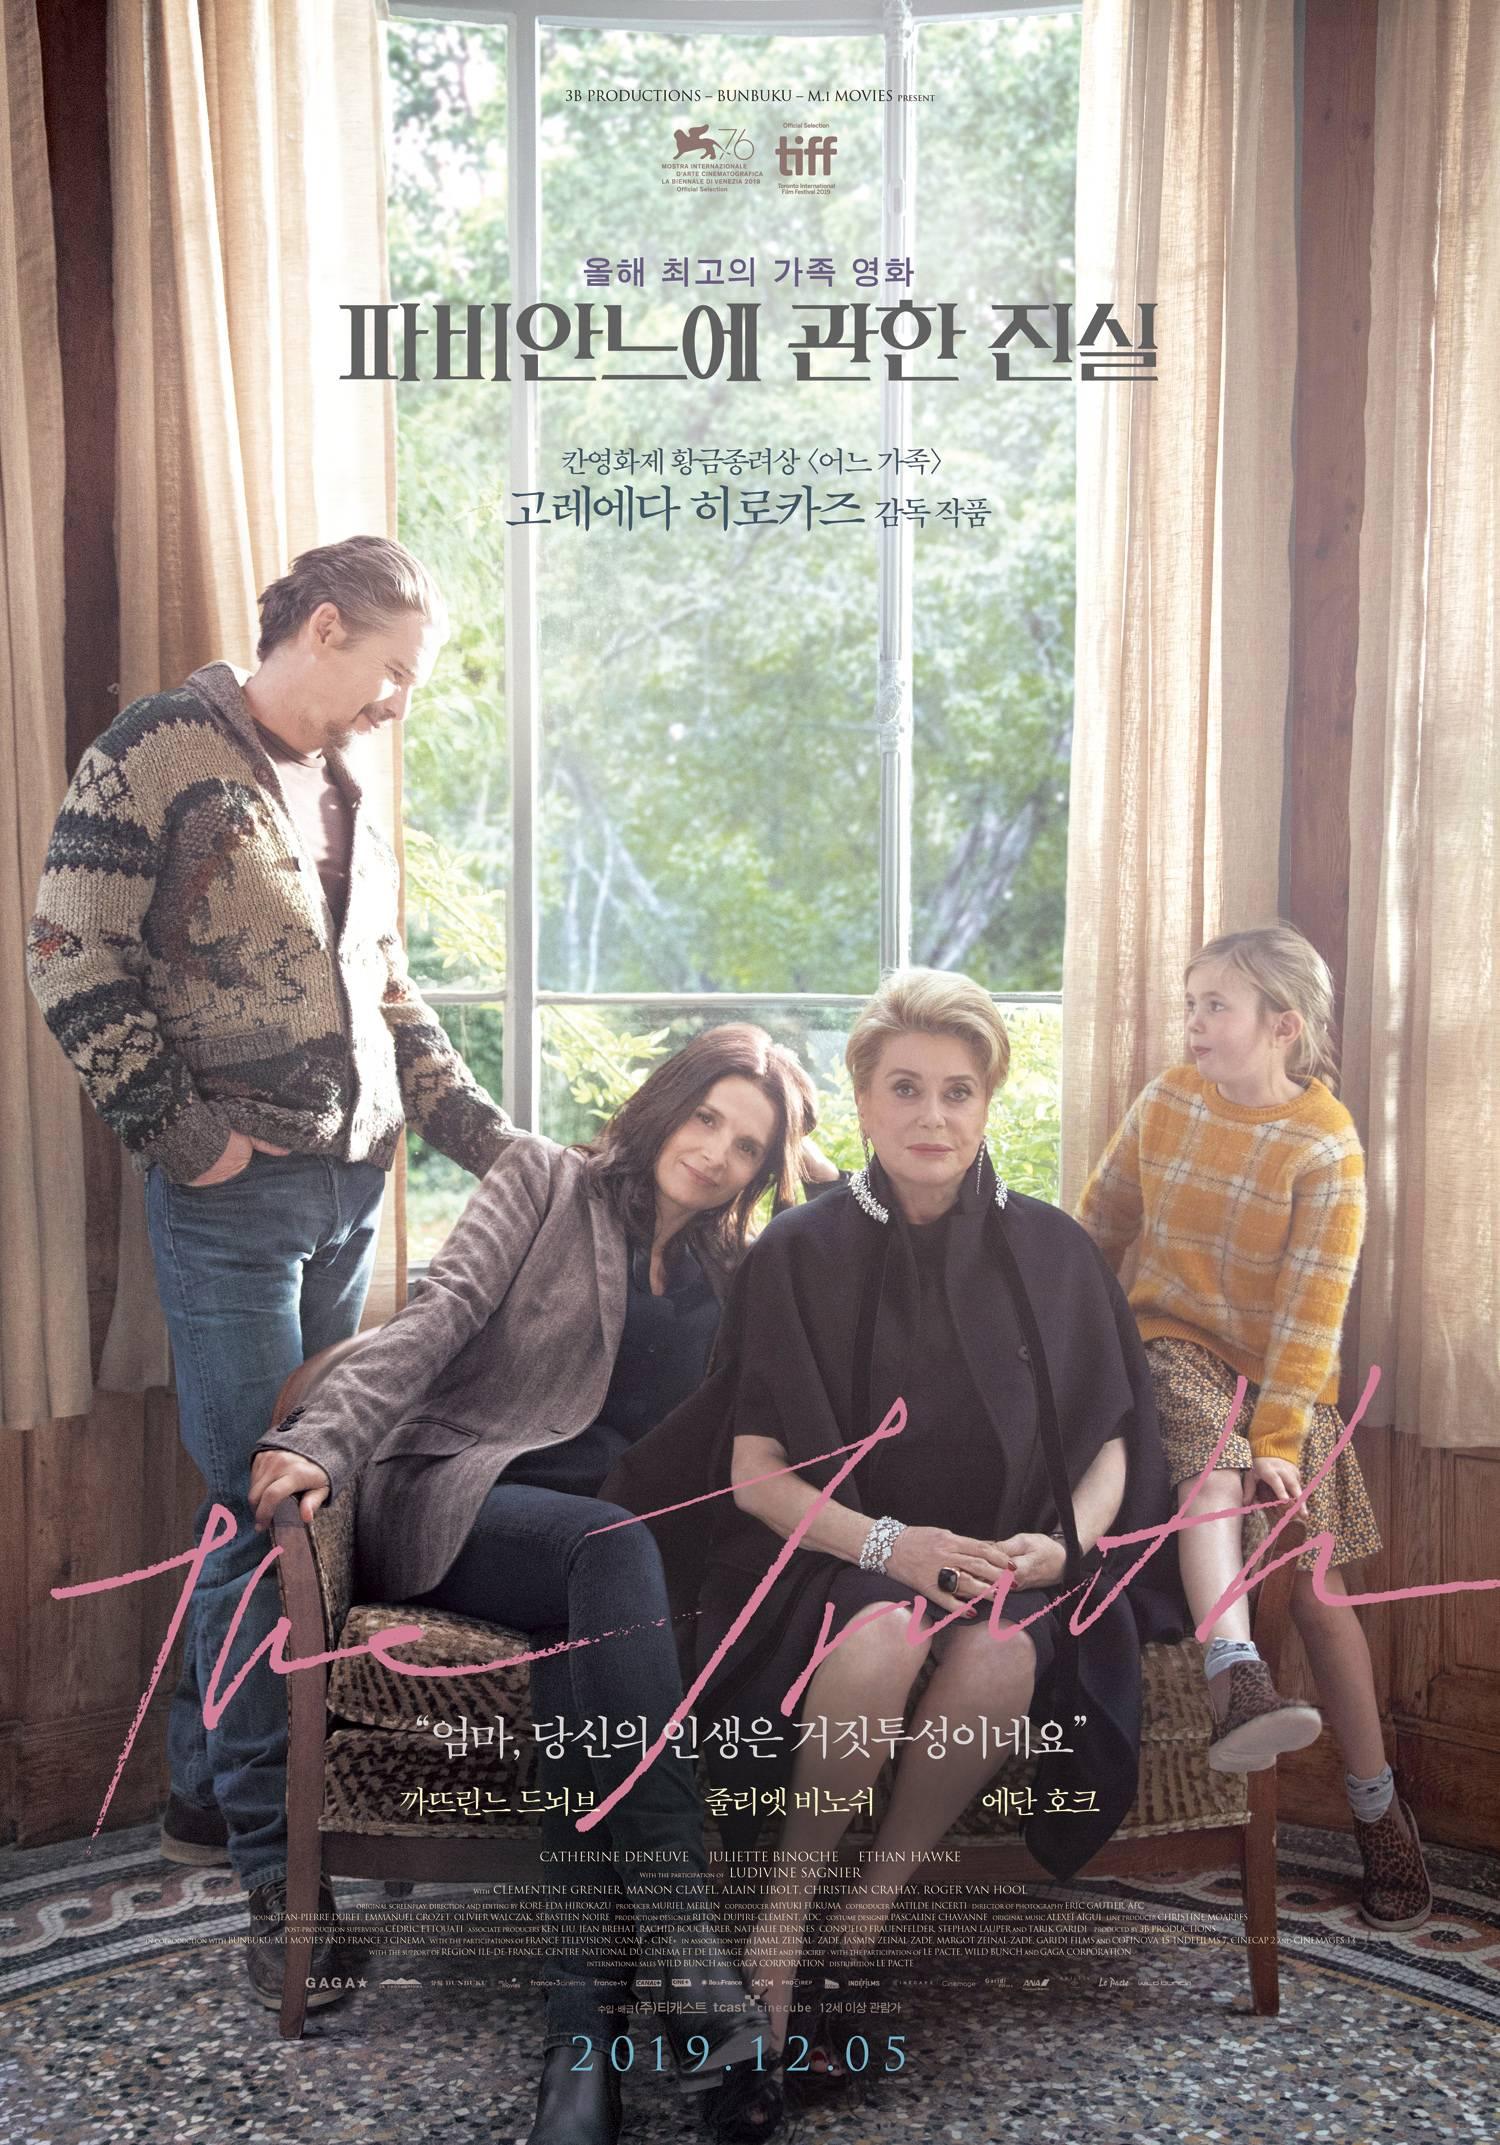 영화 '파비안느에 관한 진실' 시사회에 회원 여러분을 초대합니다 | 인스티즈